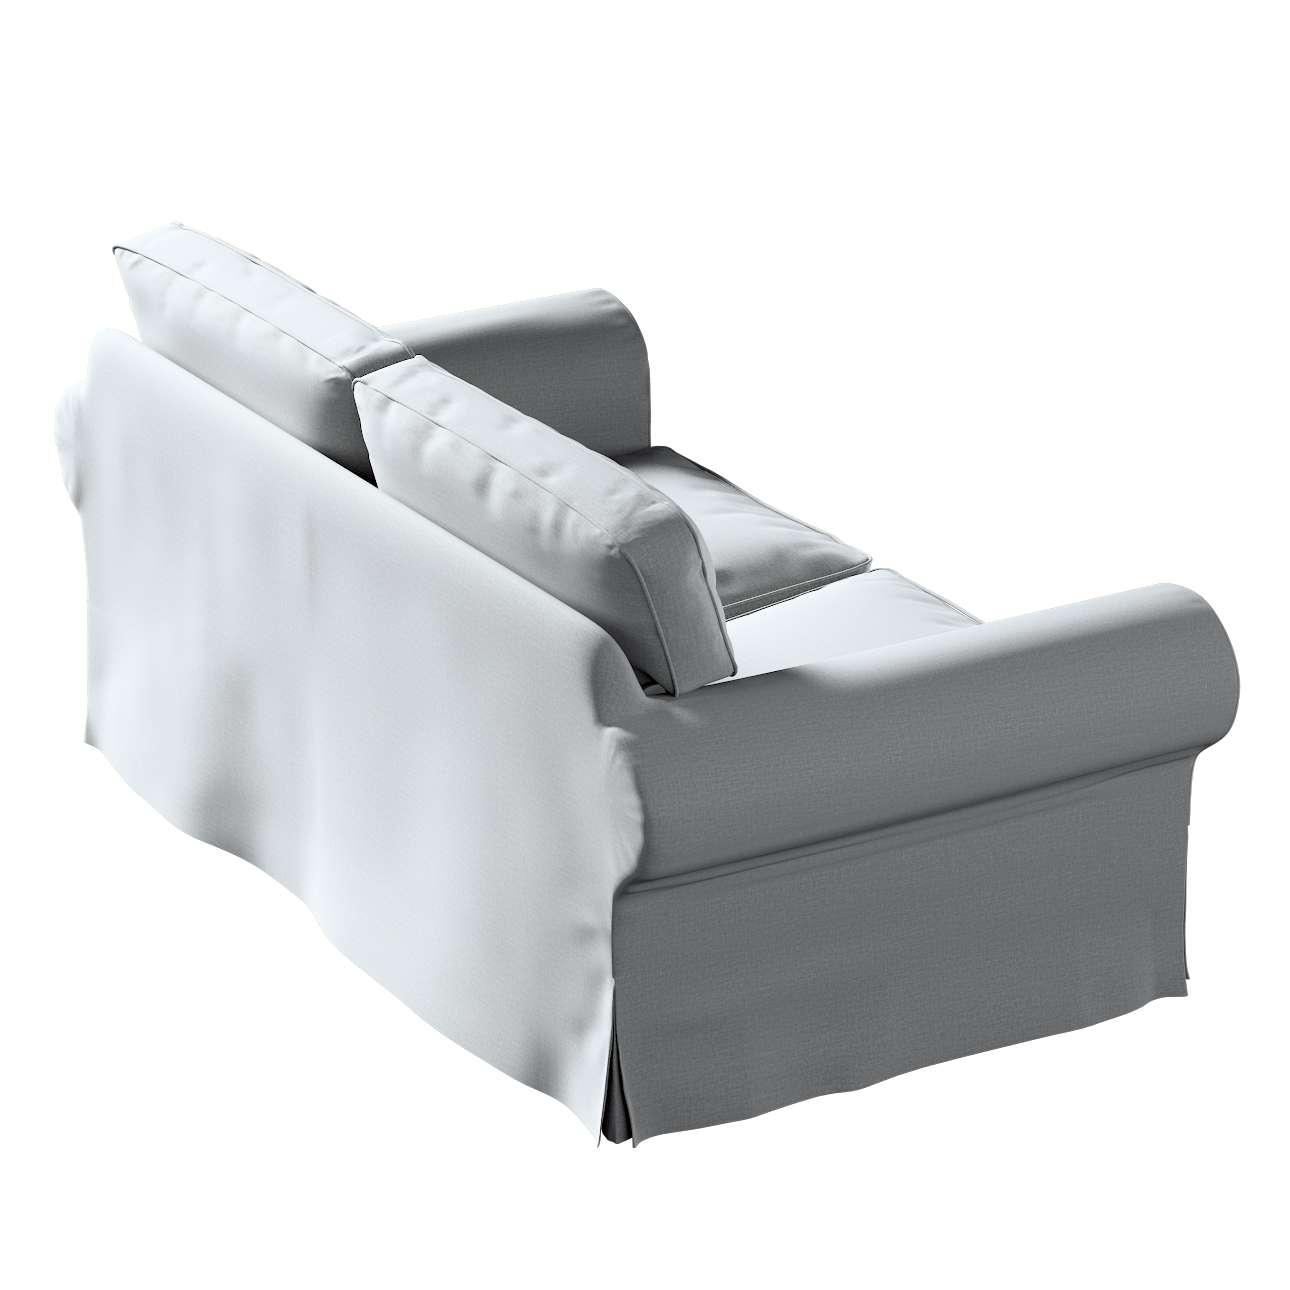 Pokrowiec na sofę Ektorp 2-osobową, nierozkładaną w kolekcji Ingrid, tkanina: 705-42